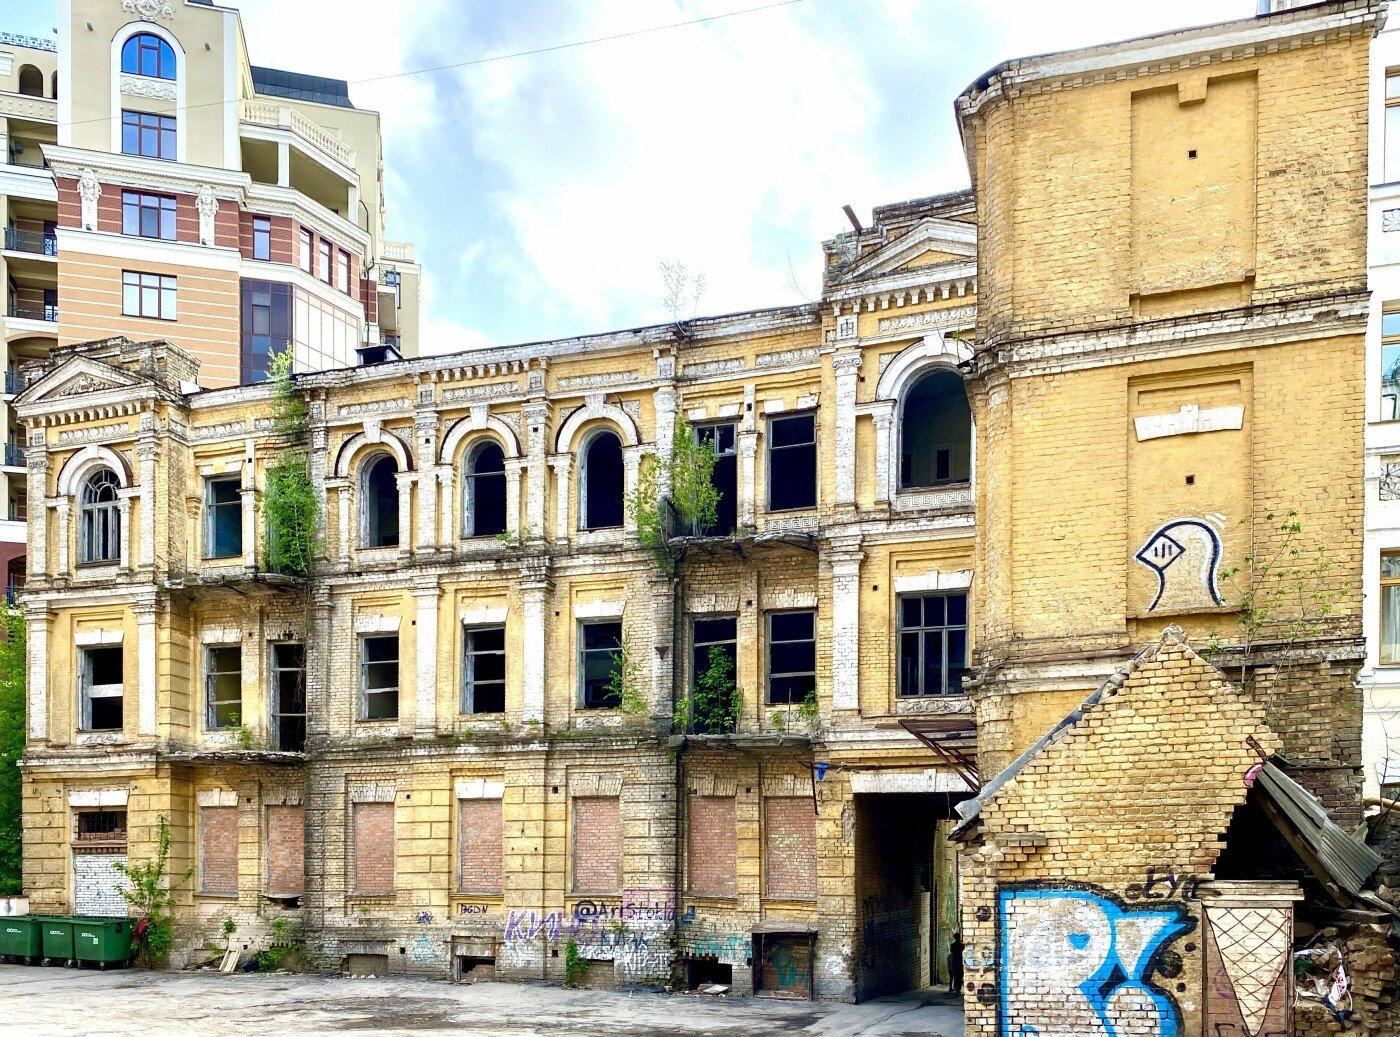 ТОП-10 причин, почему Киев не европейский город, - ФОТО, ВИДЕО, Фото: Андрей Раенок